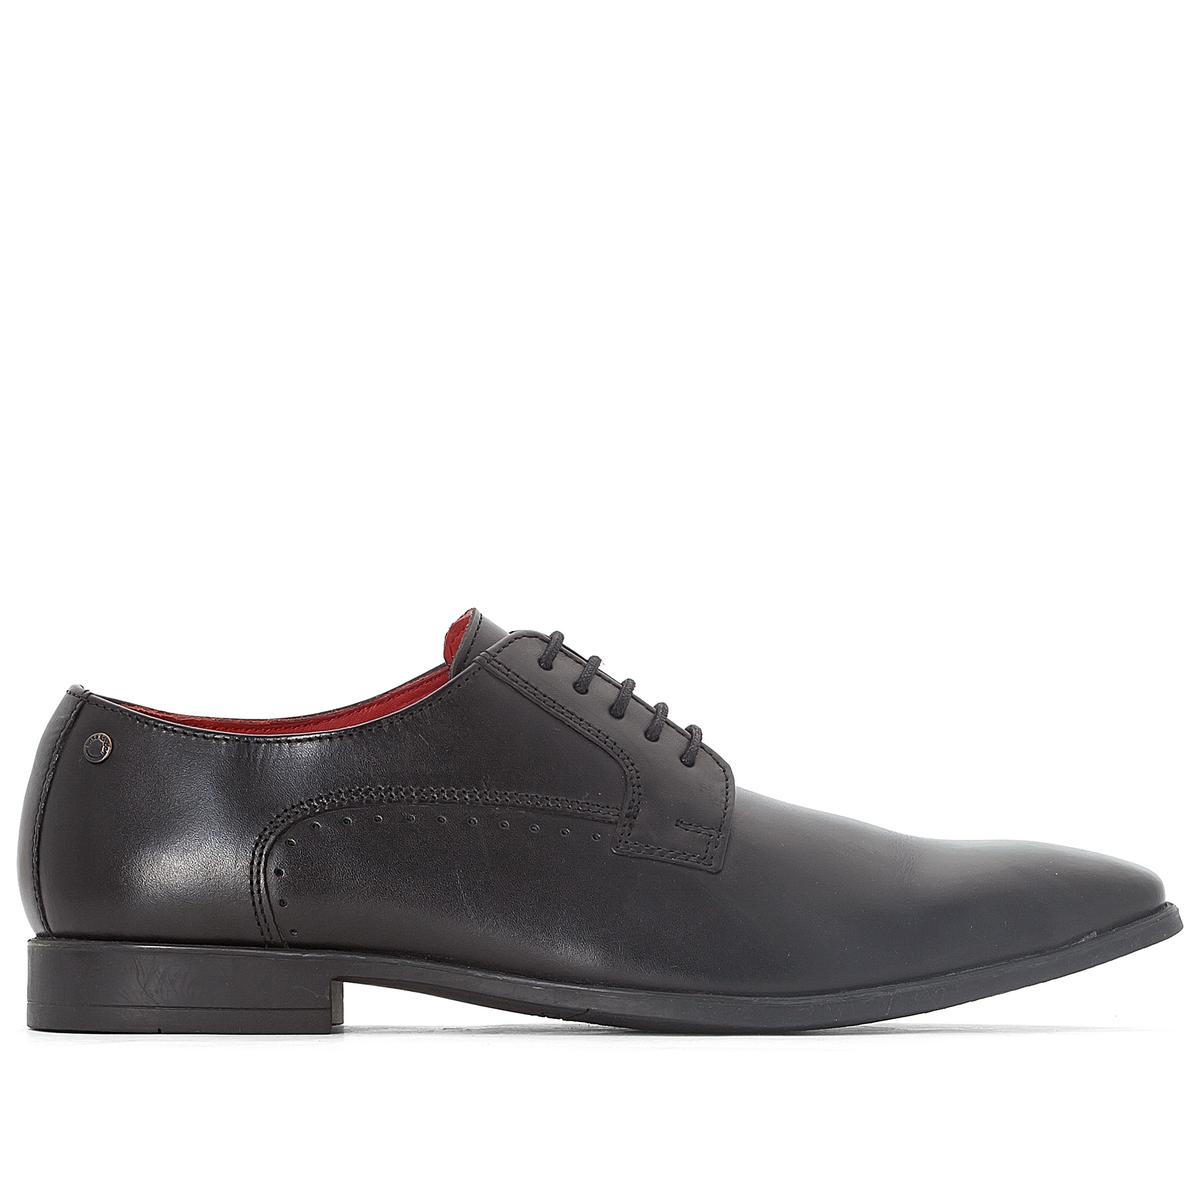 Ботинки-дерби кожаные PENNY ботинки дерби кожаные